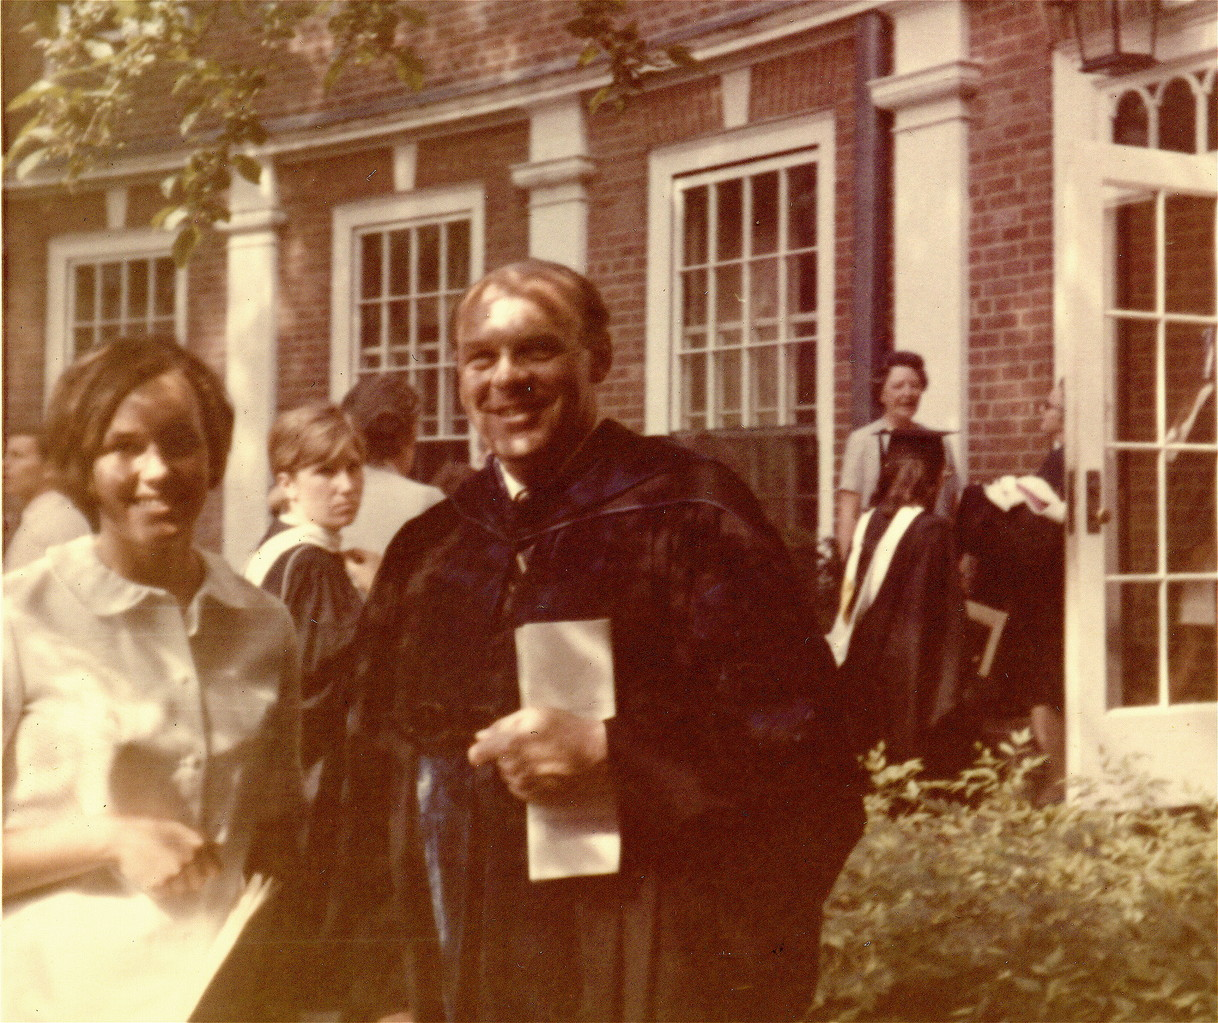 Lorraine Gudas and Dr. De Villafranca, 1970